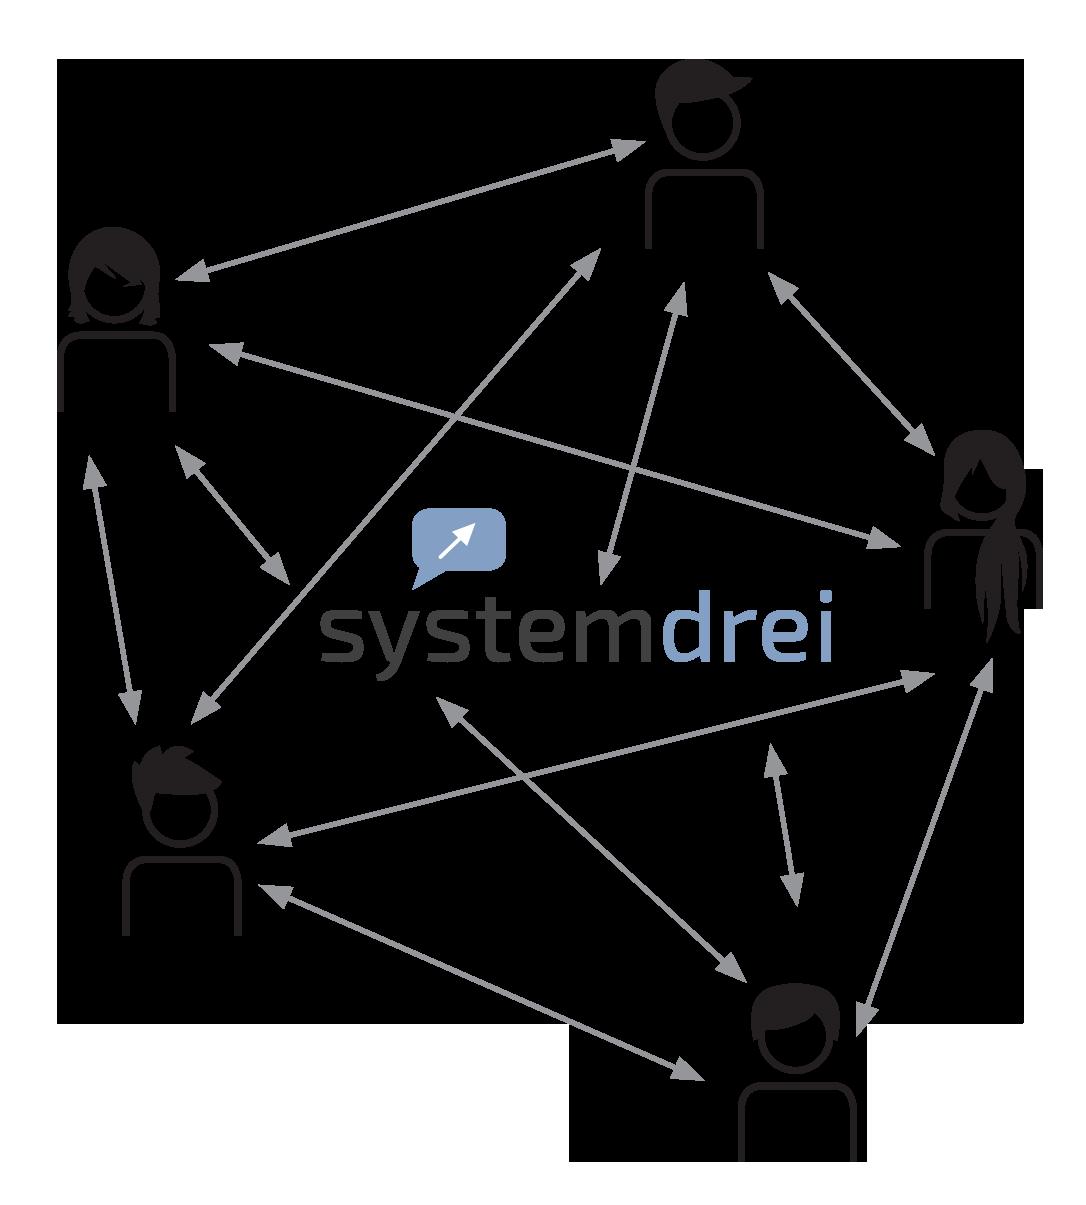 Sofortblick Systemdrei die Netzökonomie